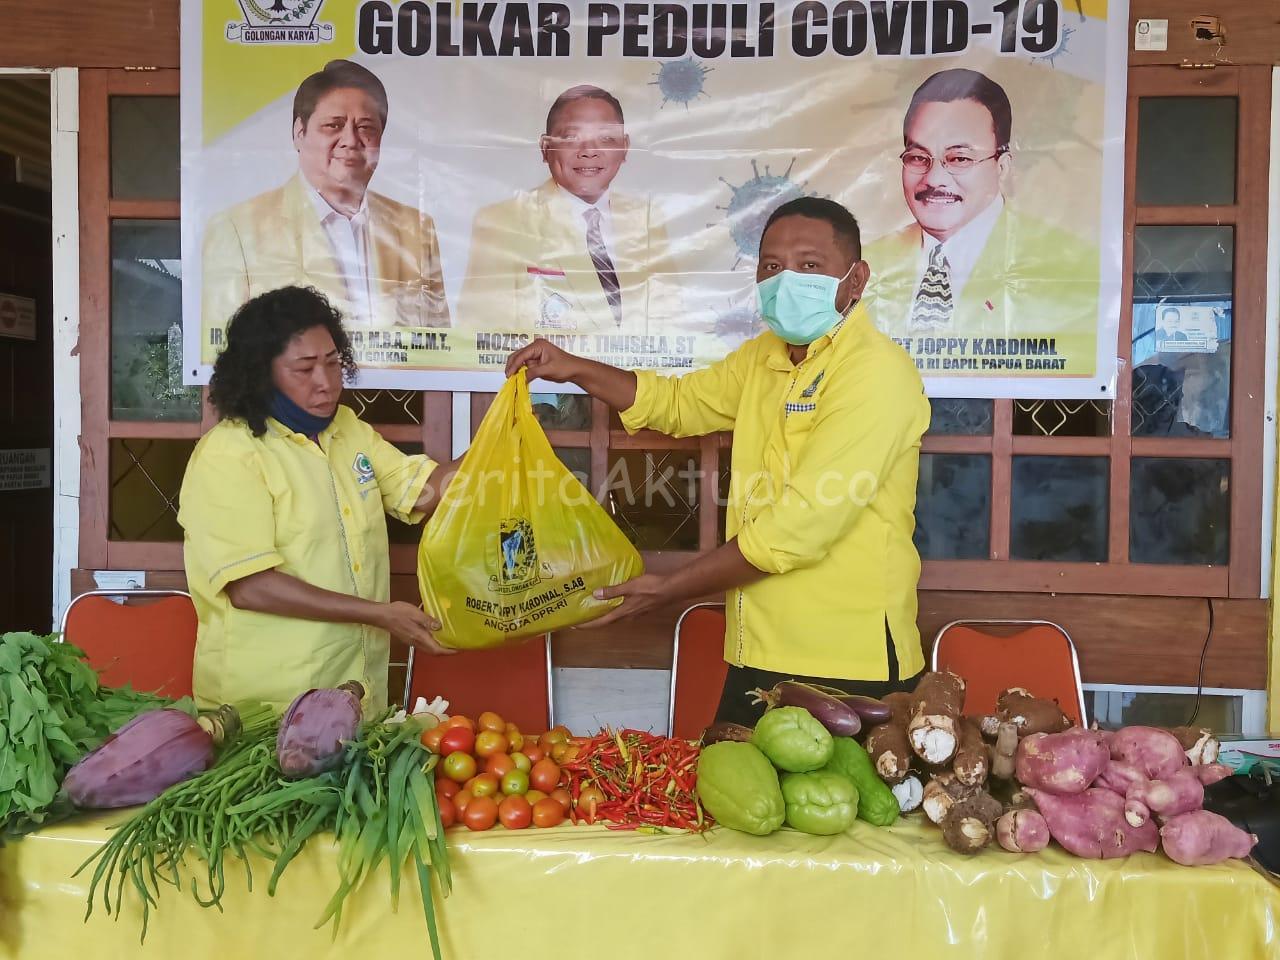 DPD Partai Golkar Papua Barat Bagi 1.000 Paket Pangan Lokal Untuk Masyarakat Manokwari 16 IMG 20200515 WA0035